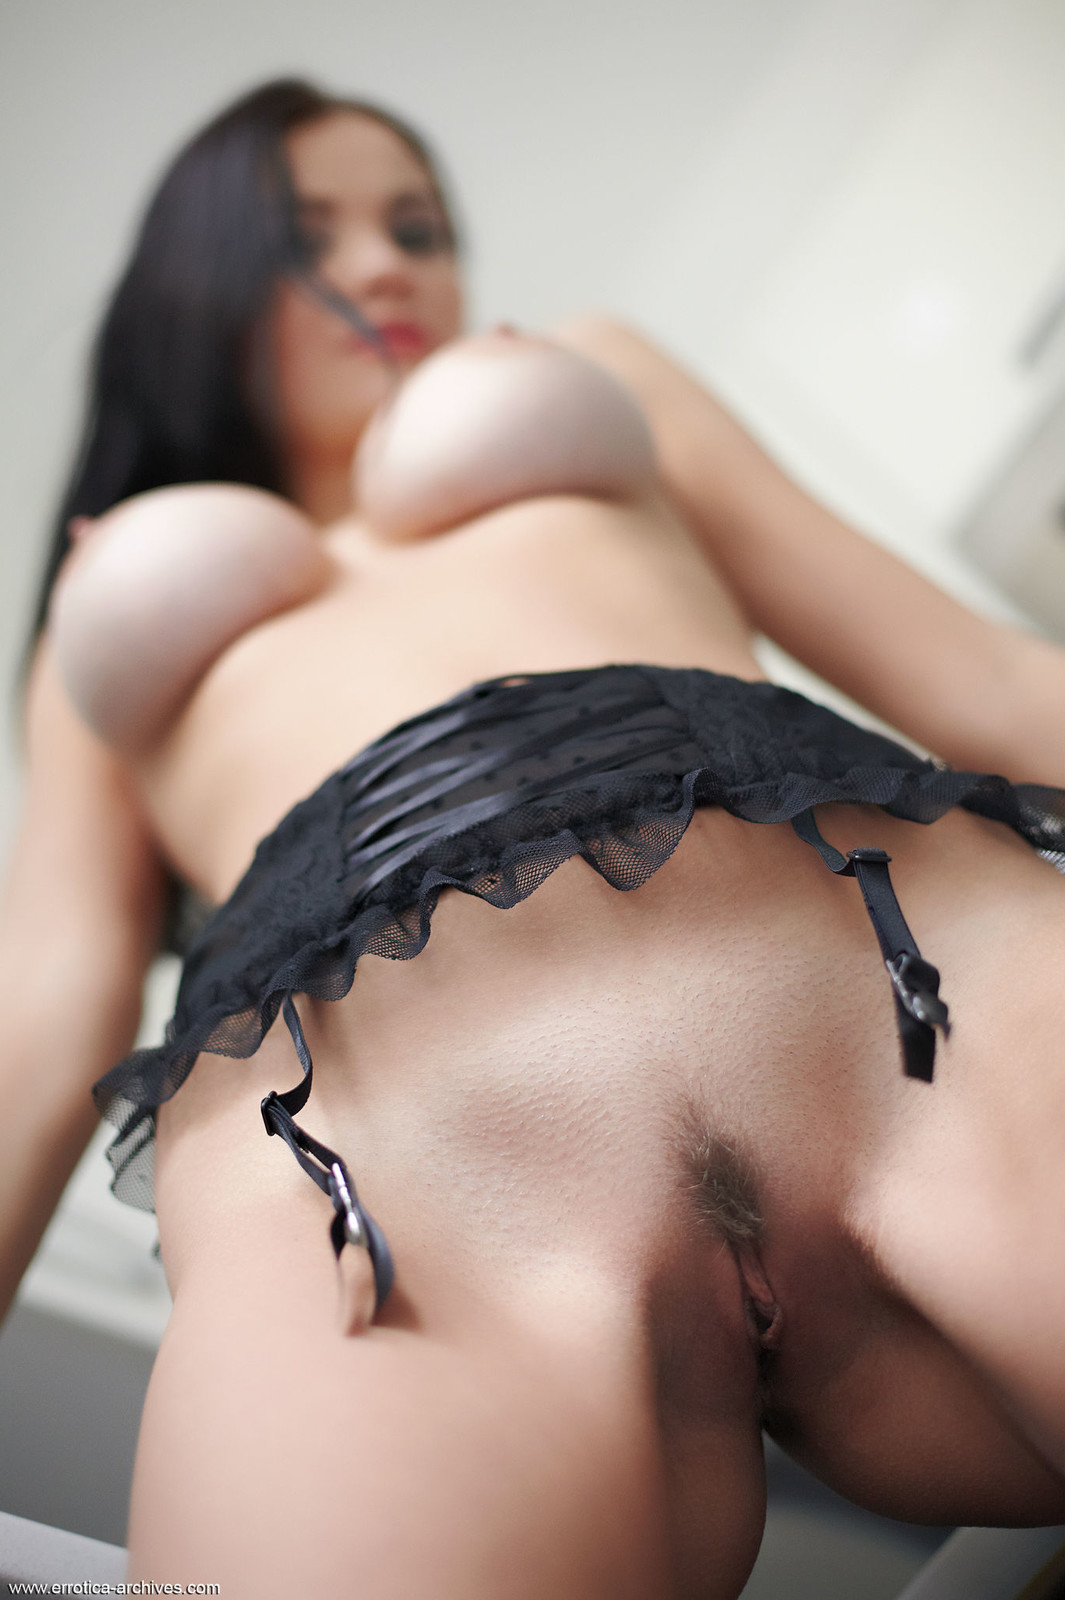 Zdjęcie porno - 095 - Cyce jak donice seks laseczki